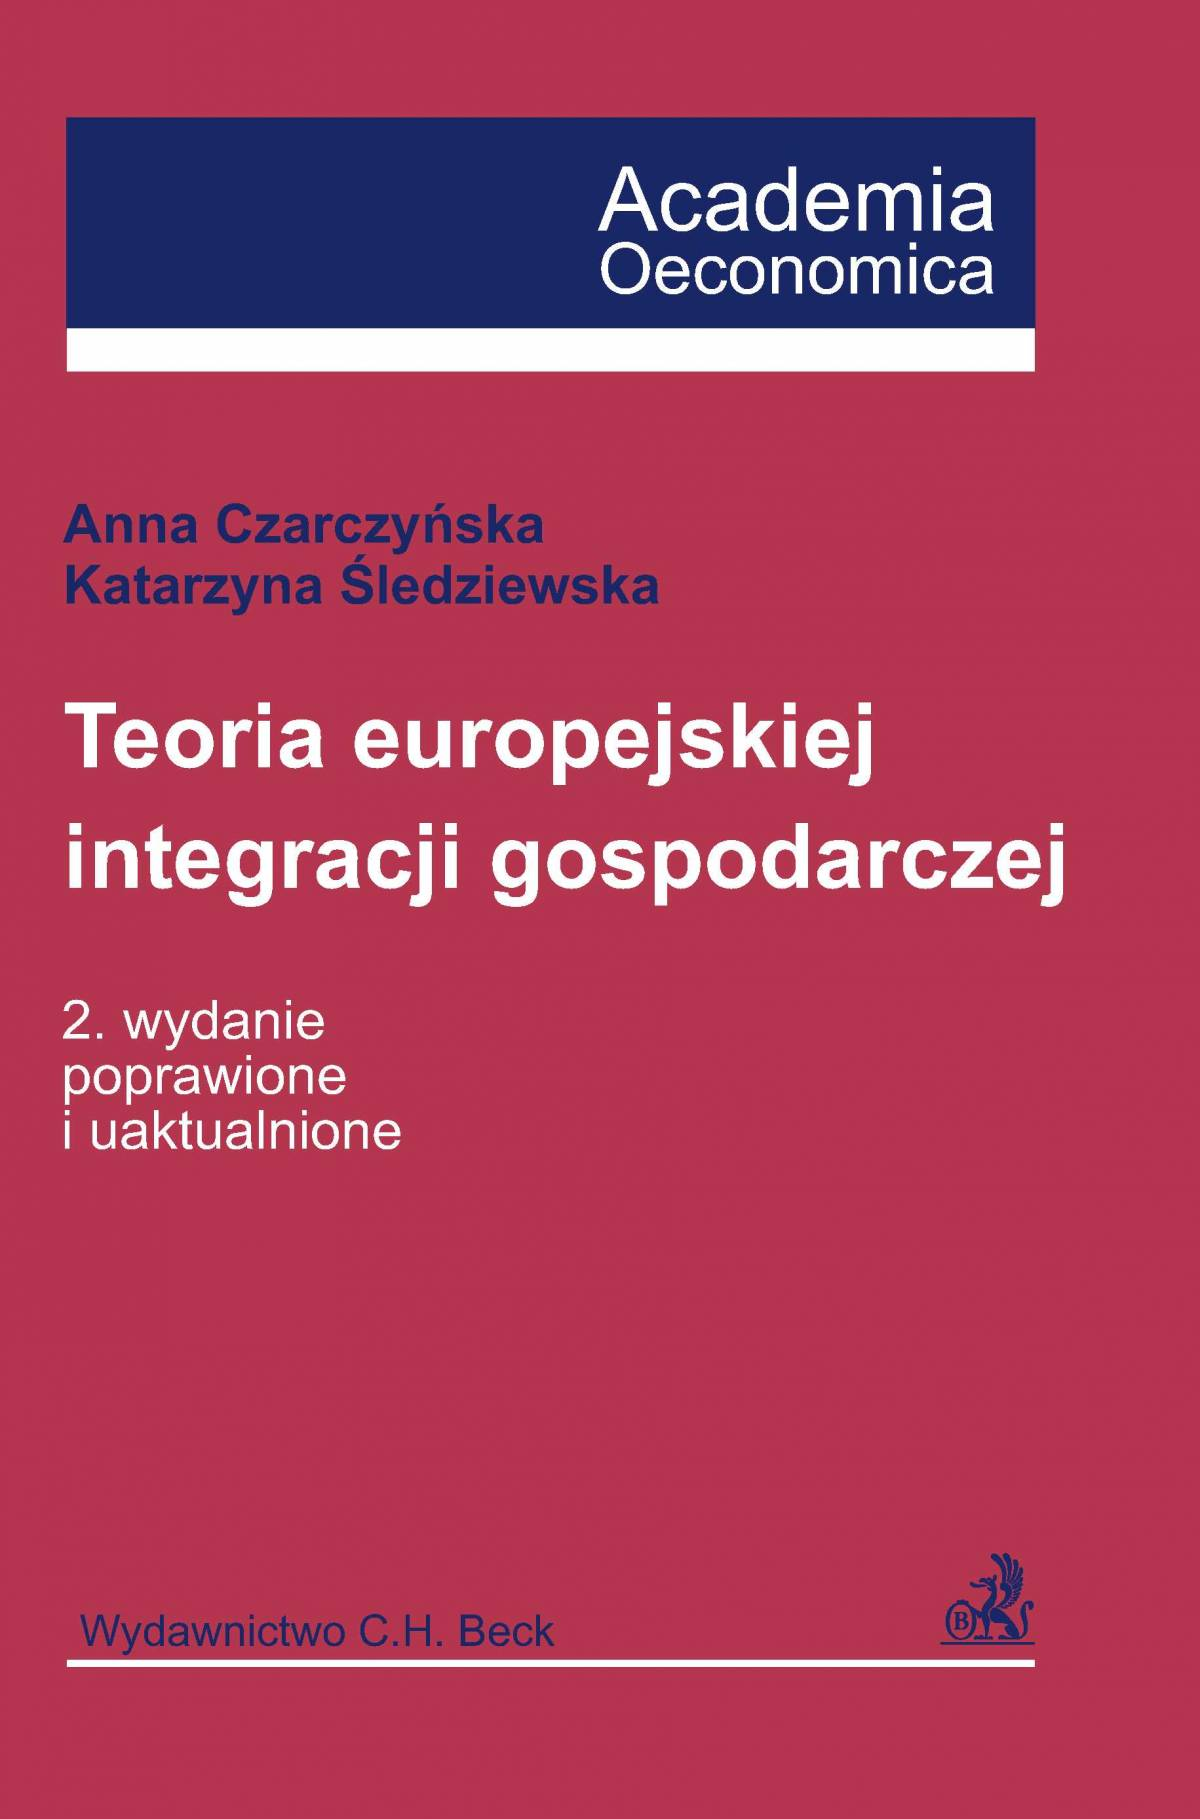 Teoria europejskiej integracji gospodarczej - Ebook (Książka PDF) do pobrania w formacie PDF